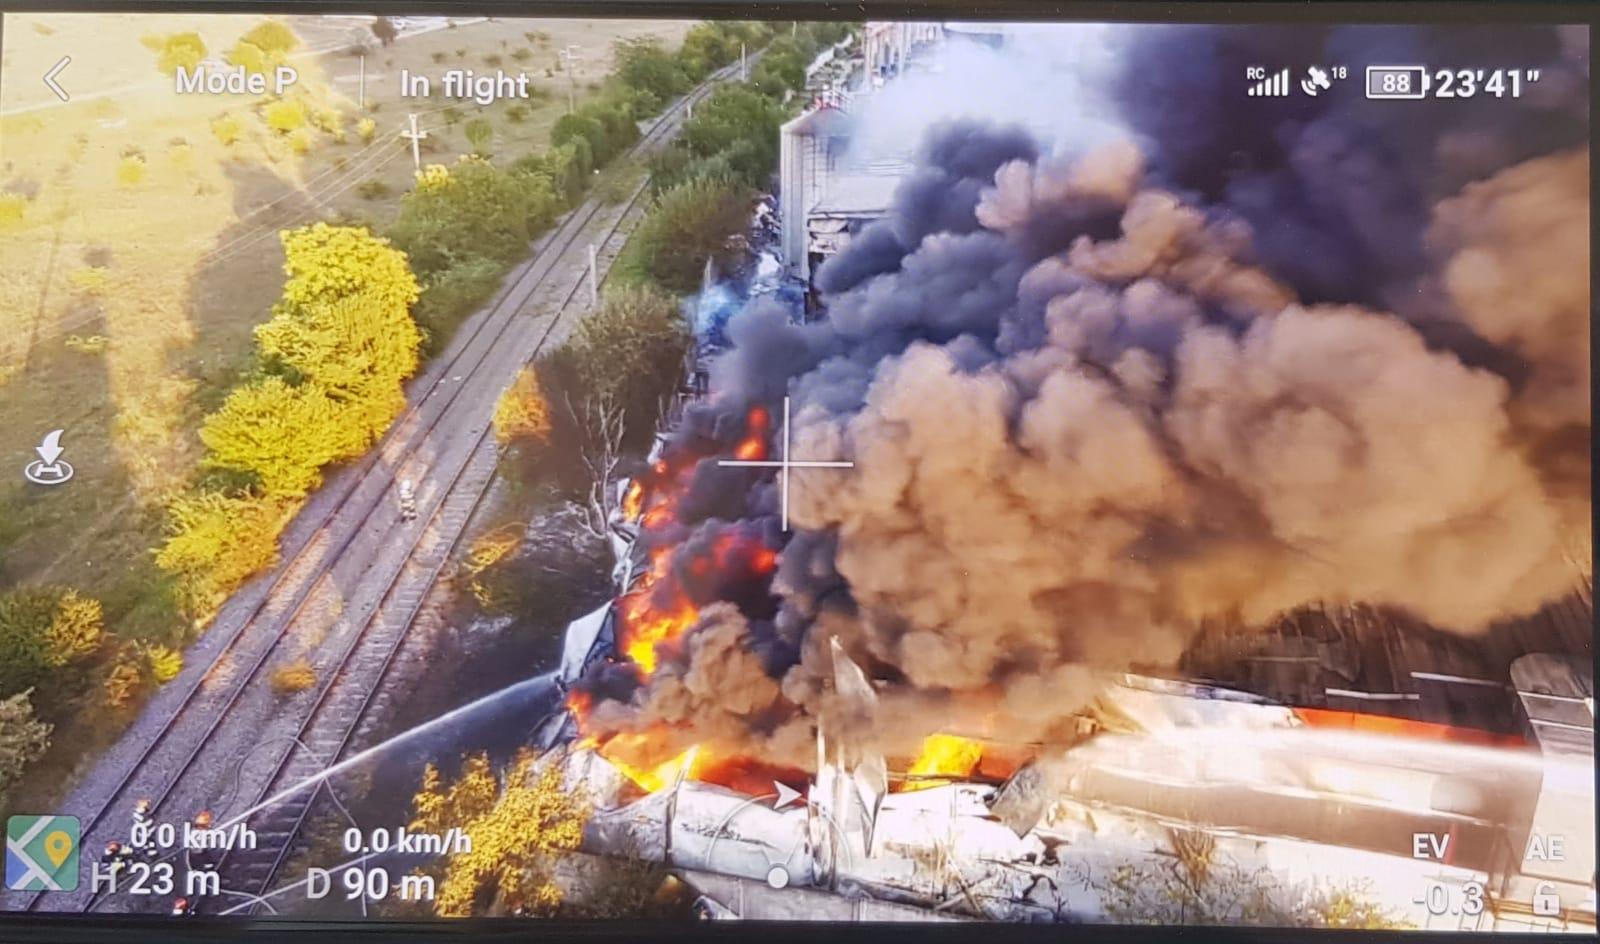 Ard două hale din Bragadiru. A fost emisă avertizarea Ro-Alert  |Incendiu Bragadiru